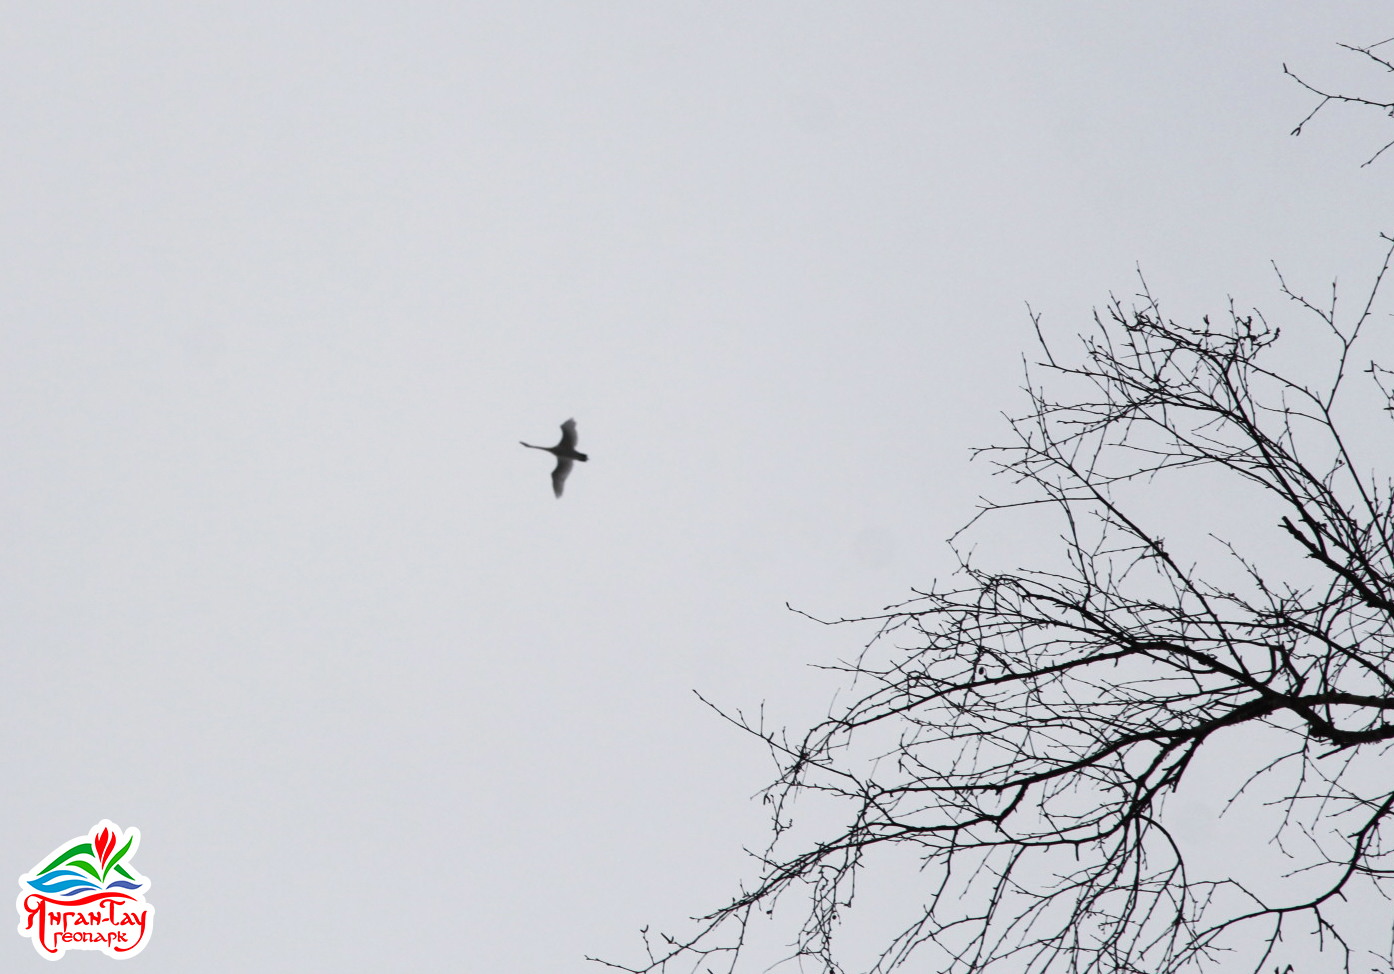 Лебедь-шипун, 29.03.2019 г., геопарк